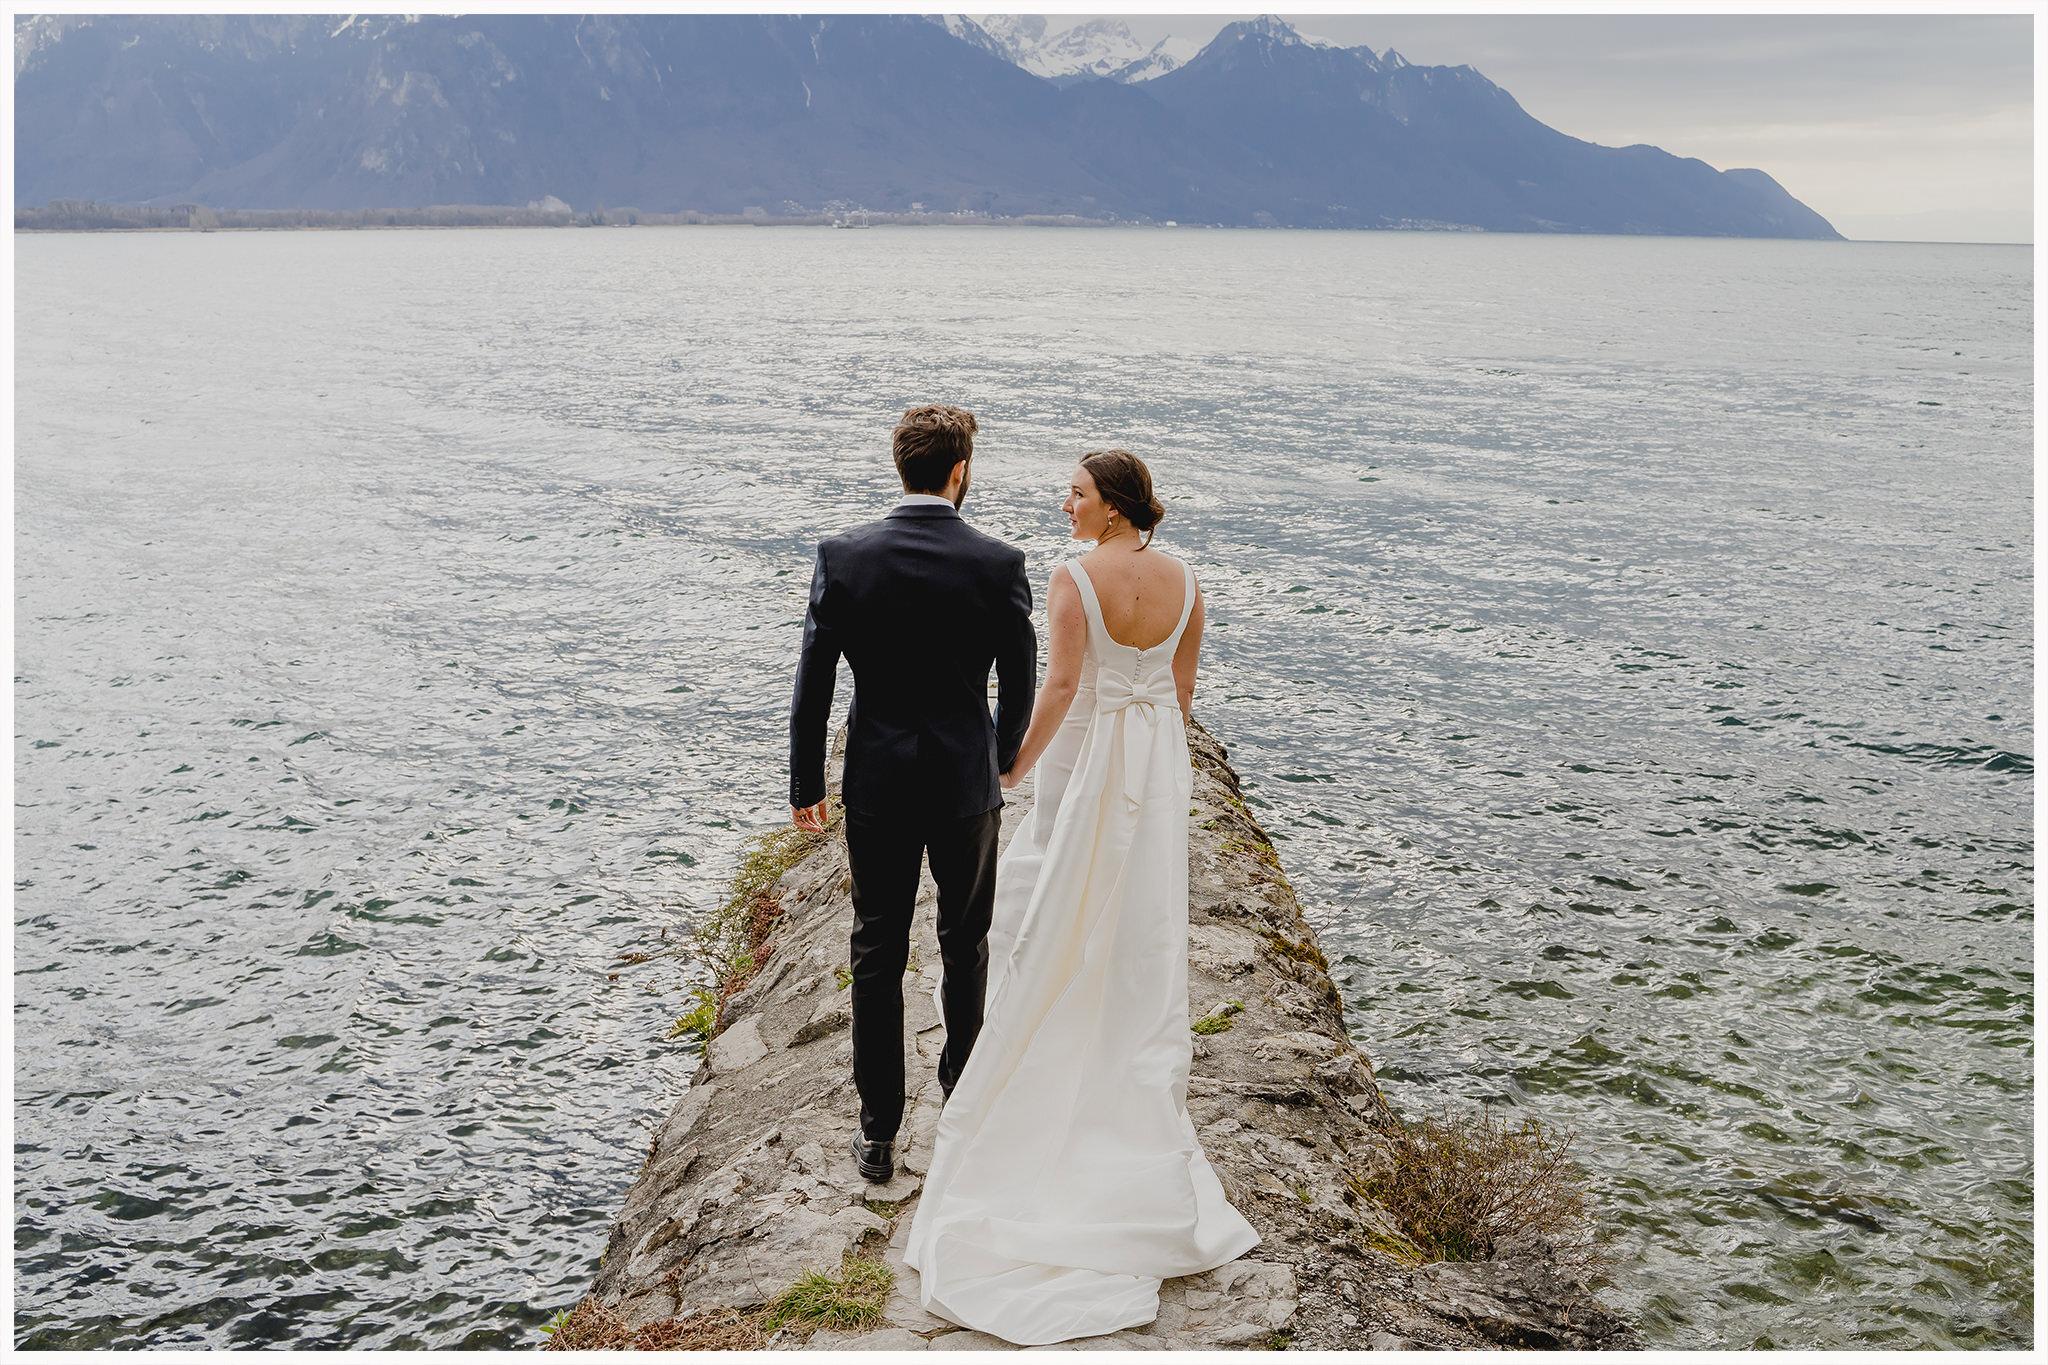 dreamsaanddreamers.com-fotograf-nunta-romania-05.jpg